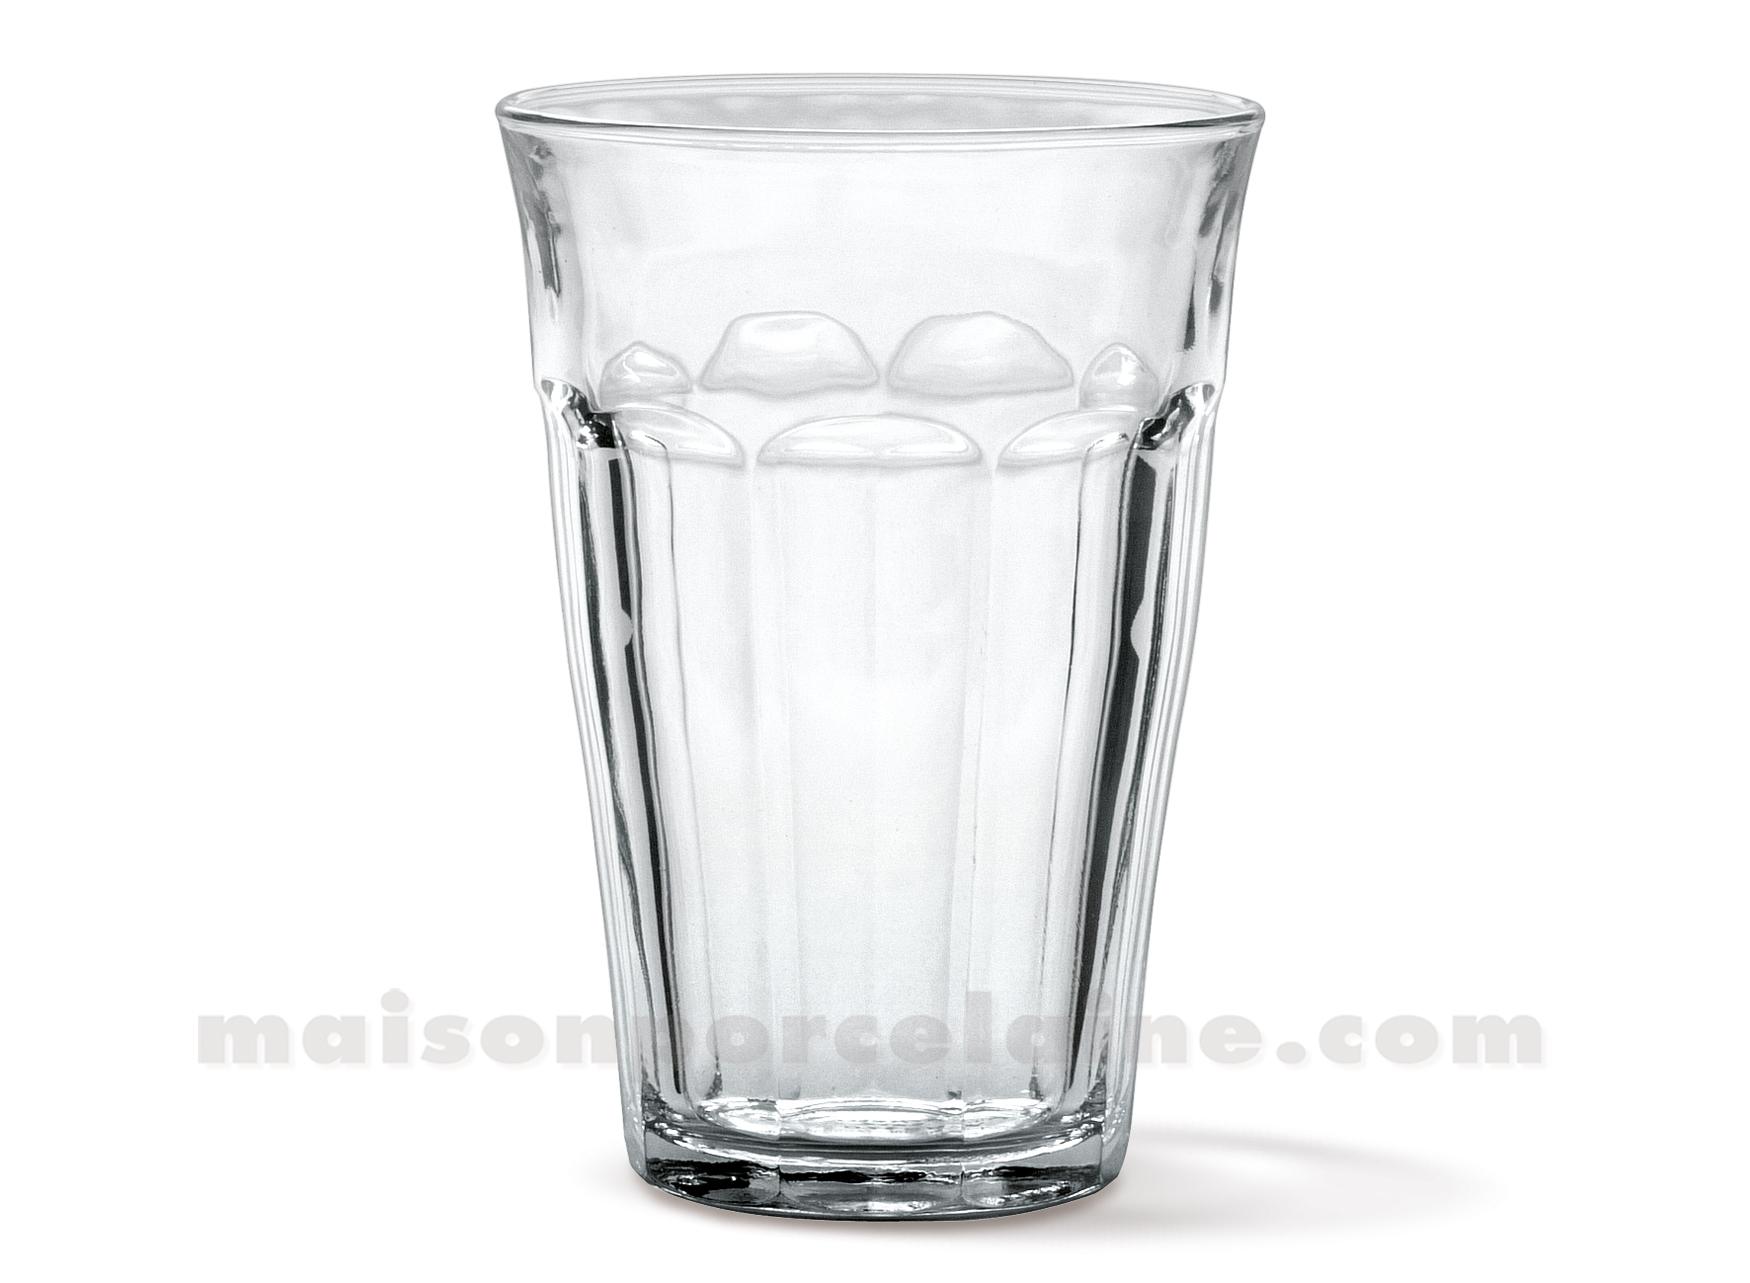 goblet duralex picardie 36cl verre trempe coffret de 6 maison de la porcelaine. Black Bedroom Furniture Sets. Home Design Ideas